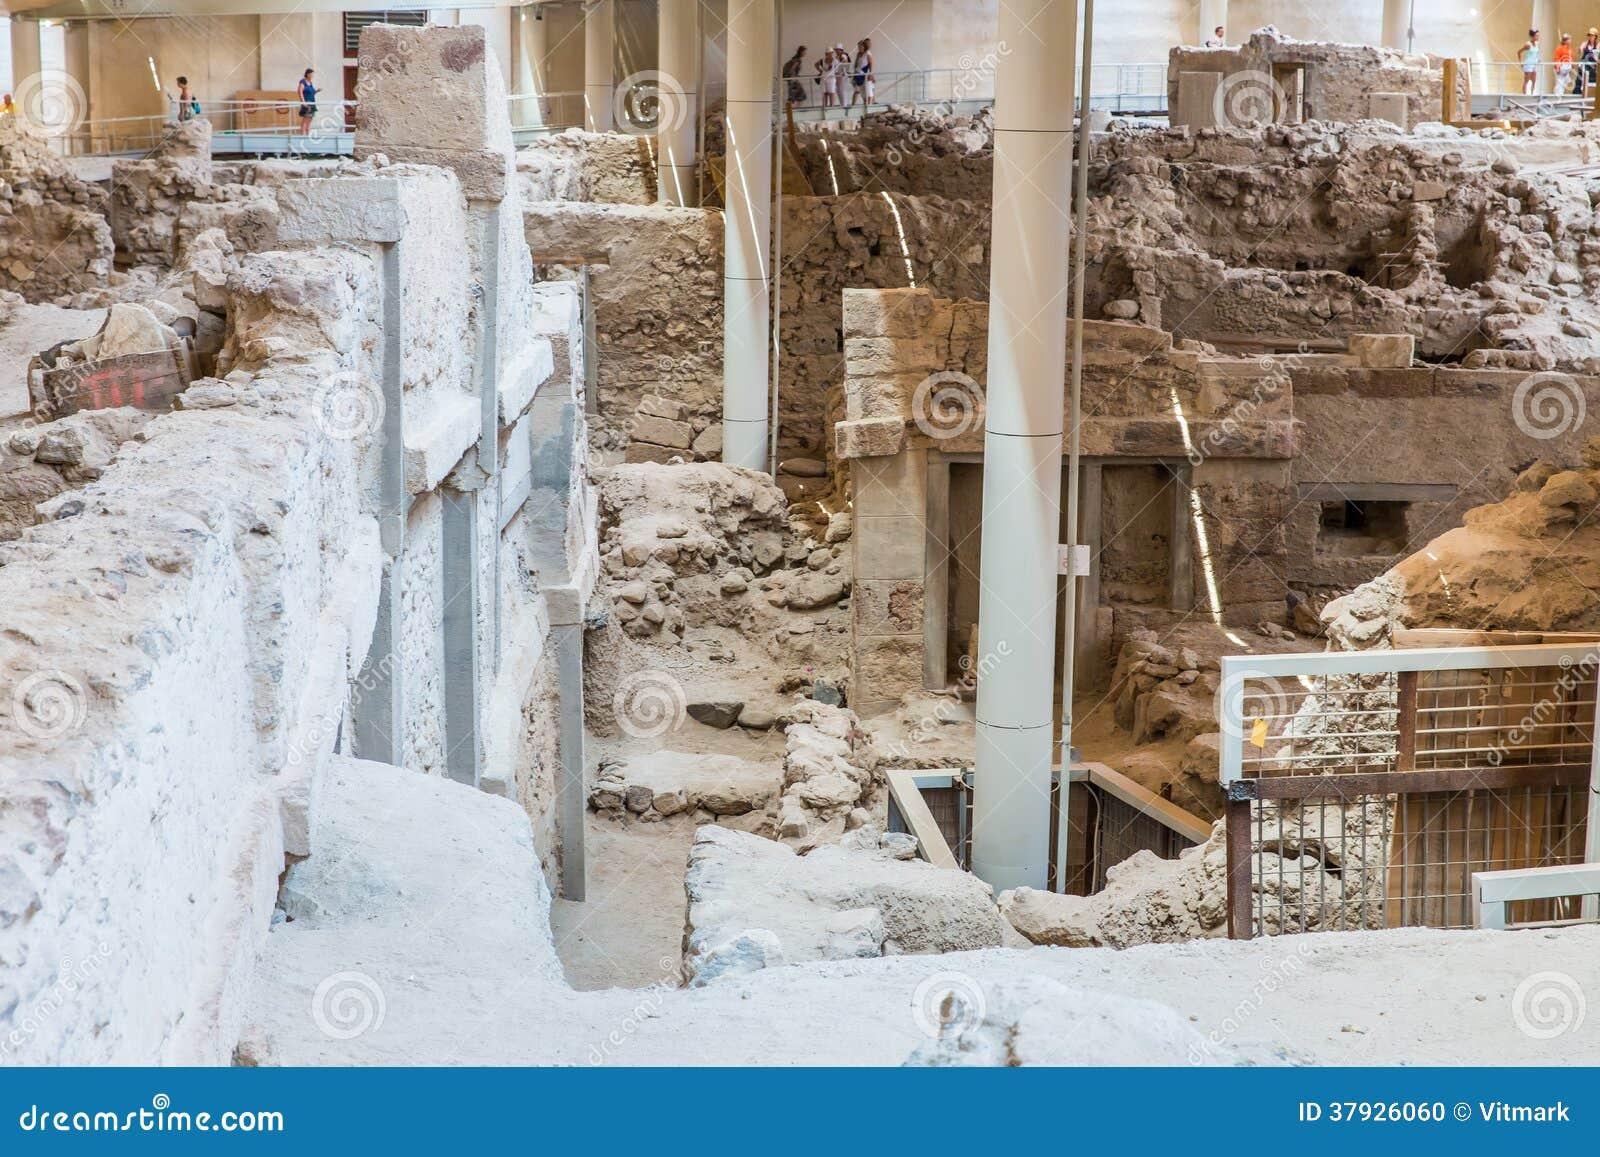 Остров Santorini, Крит, Греция. Руины и археологические раскопки